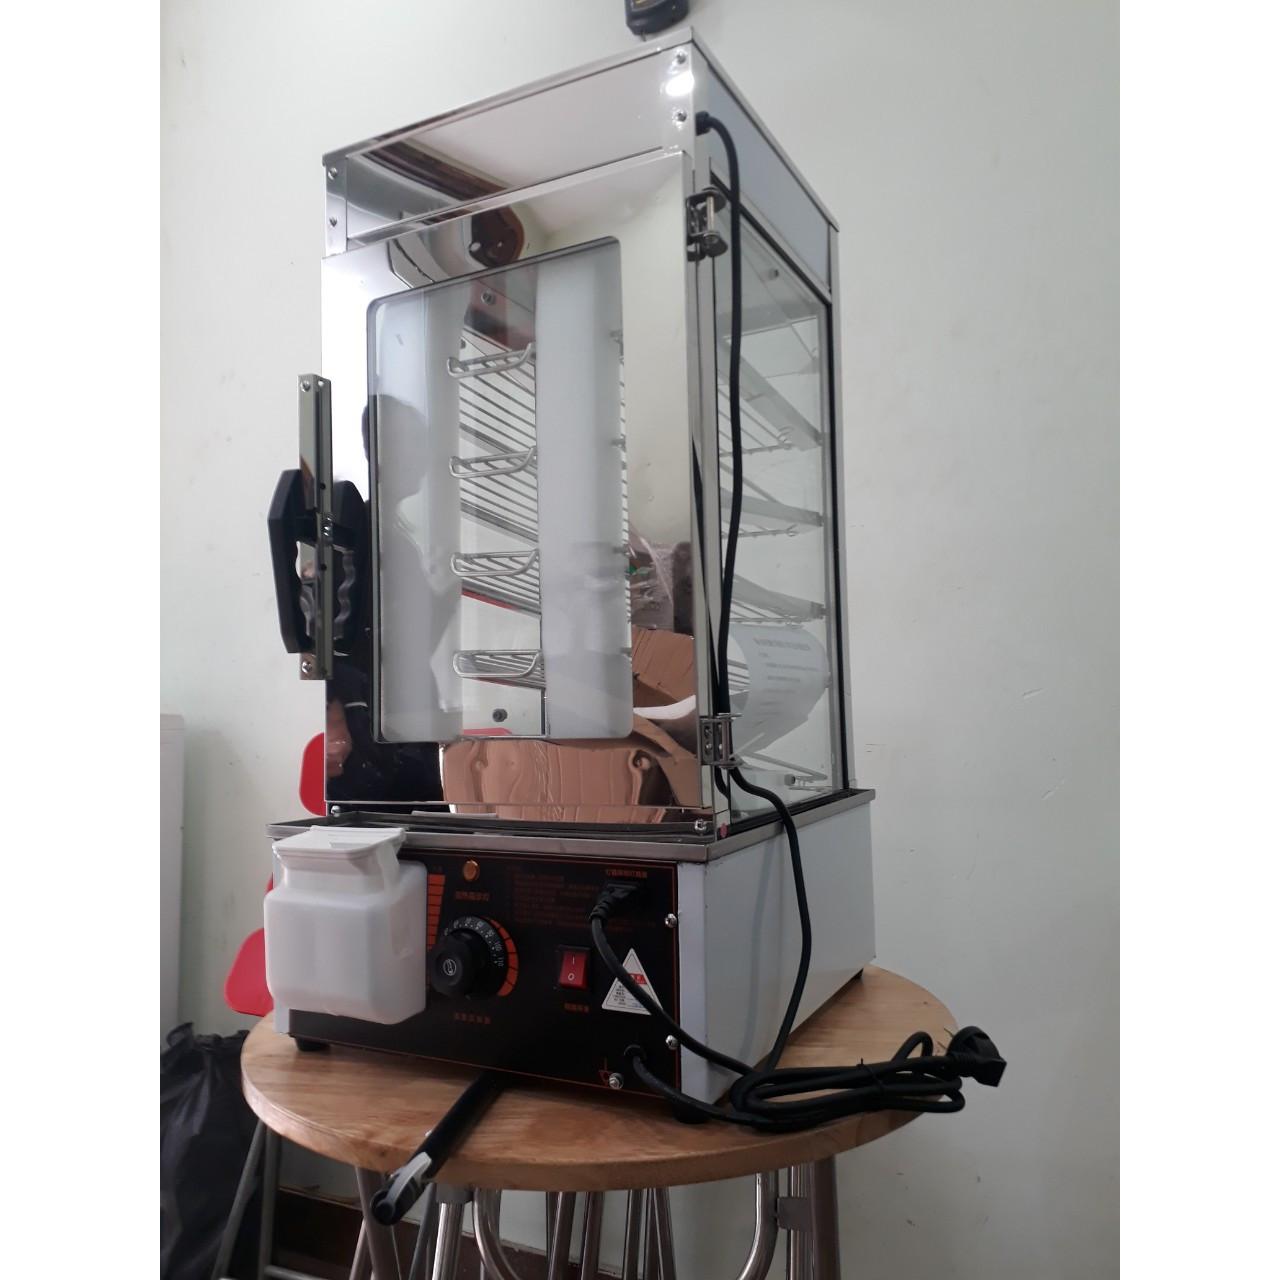 Tủ hấp bánh bao có bảng điều khiển thông minh,tiện lợi và rất dễ sử dụng